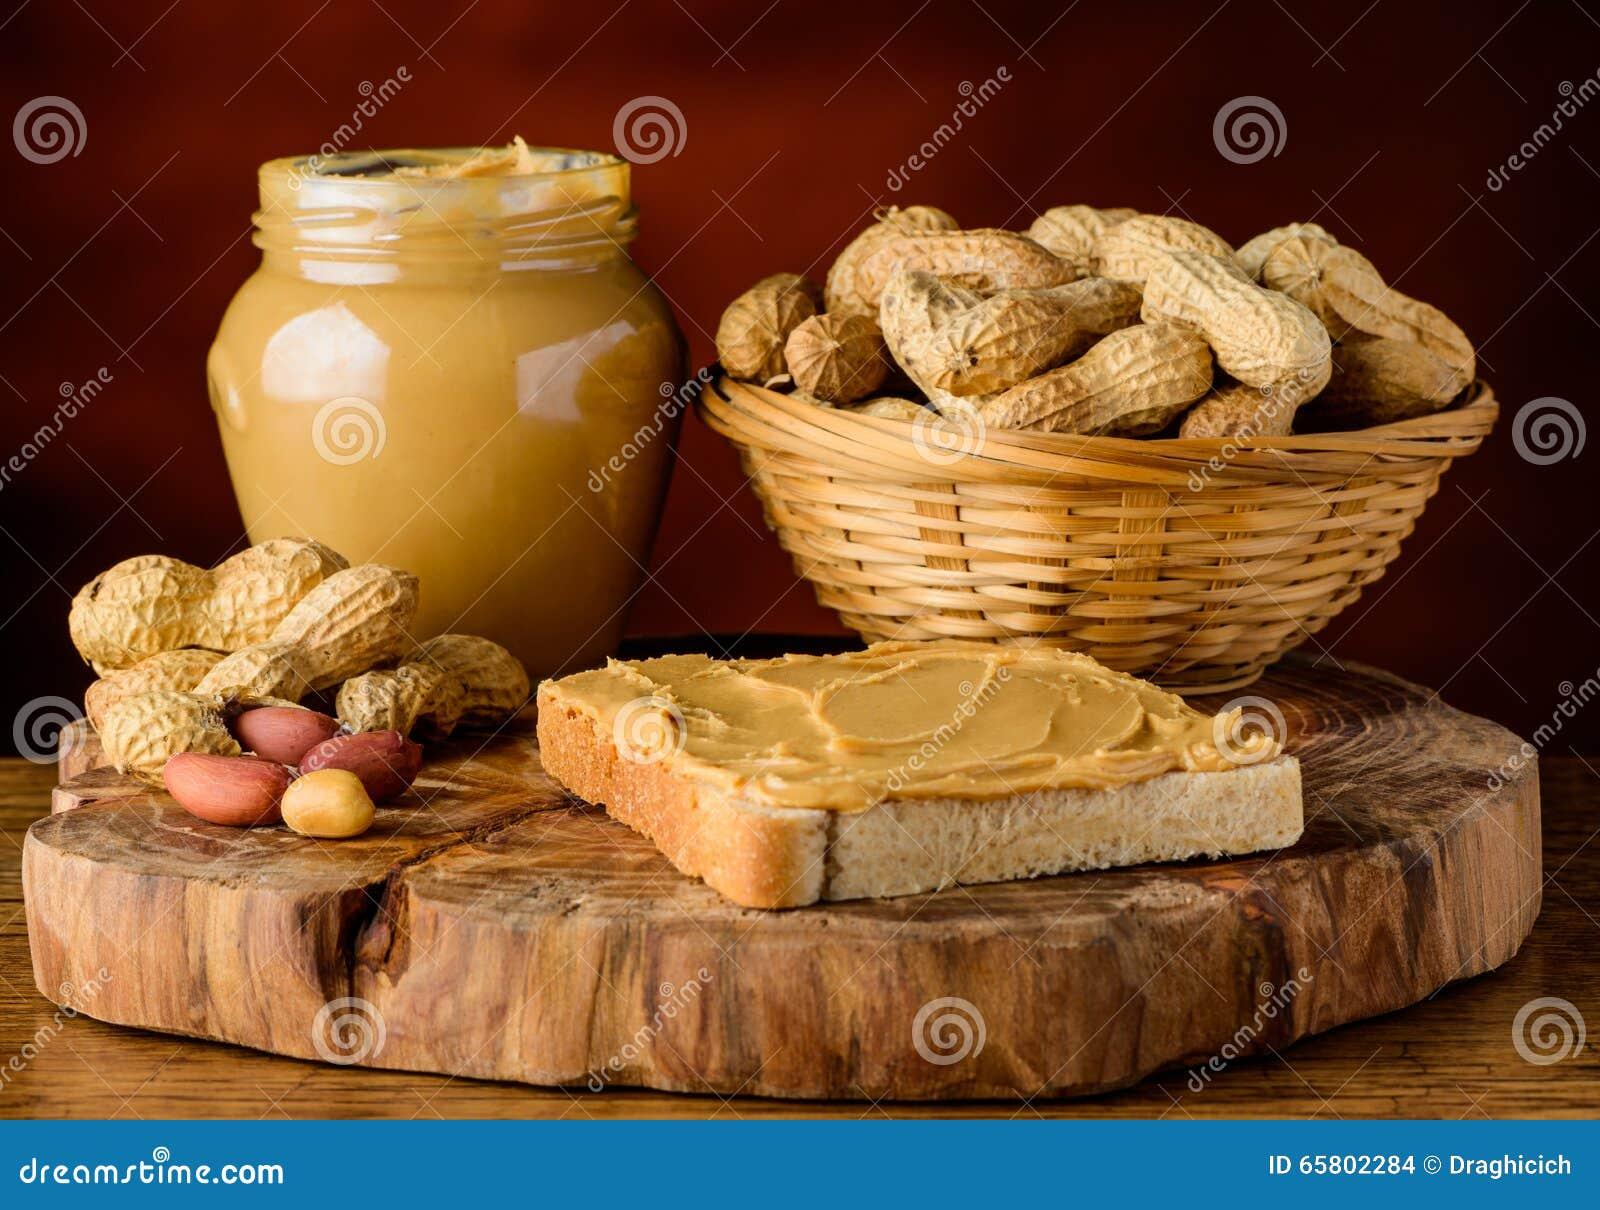 beurre et arachides d'arachide photo stock - image du beurre, pain